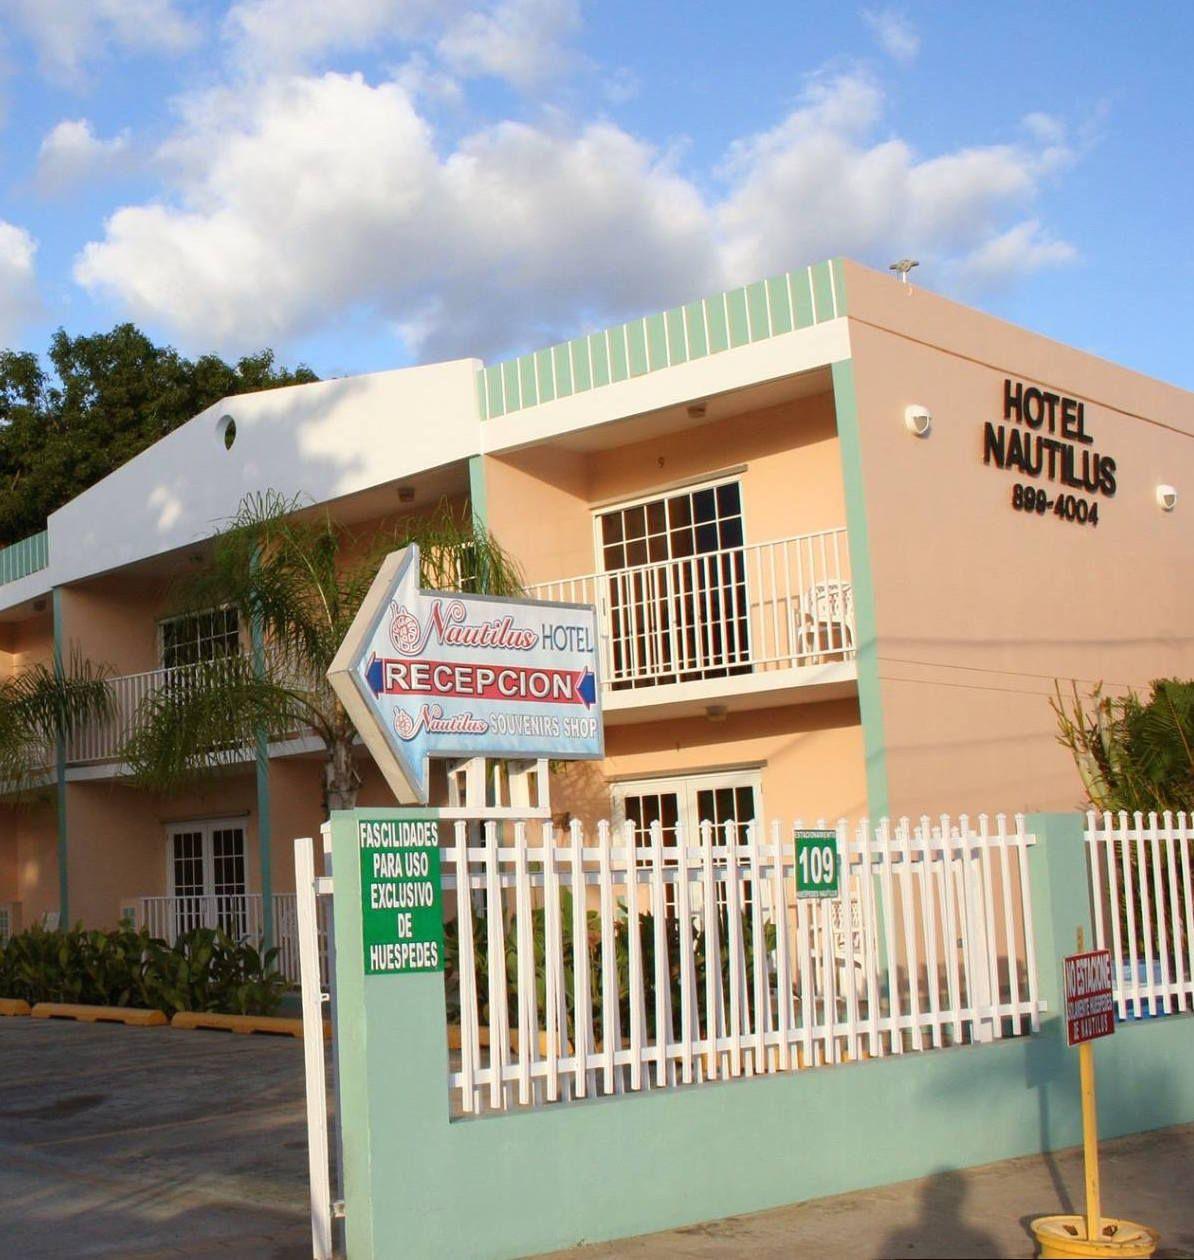 Hotel Nautilus A Sólo Pasos Del Poblado La Parguera Lajas Puerto Rico